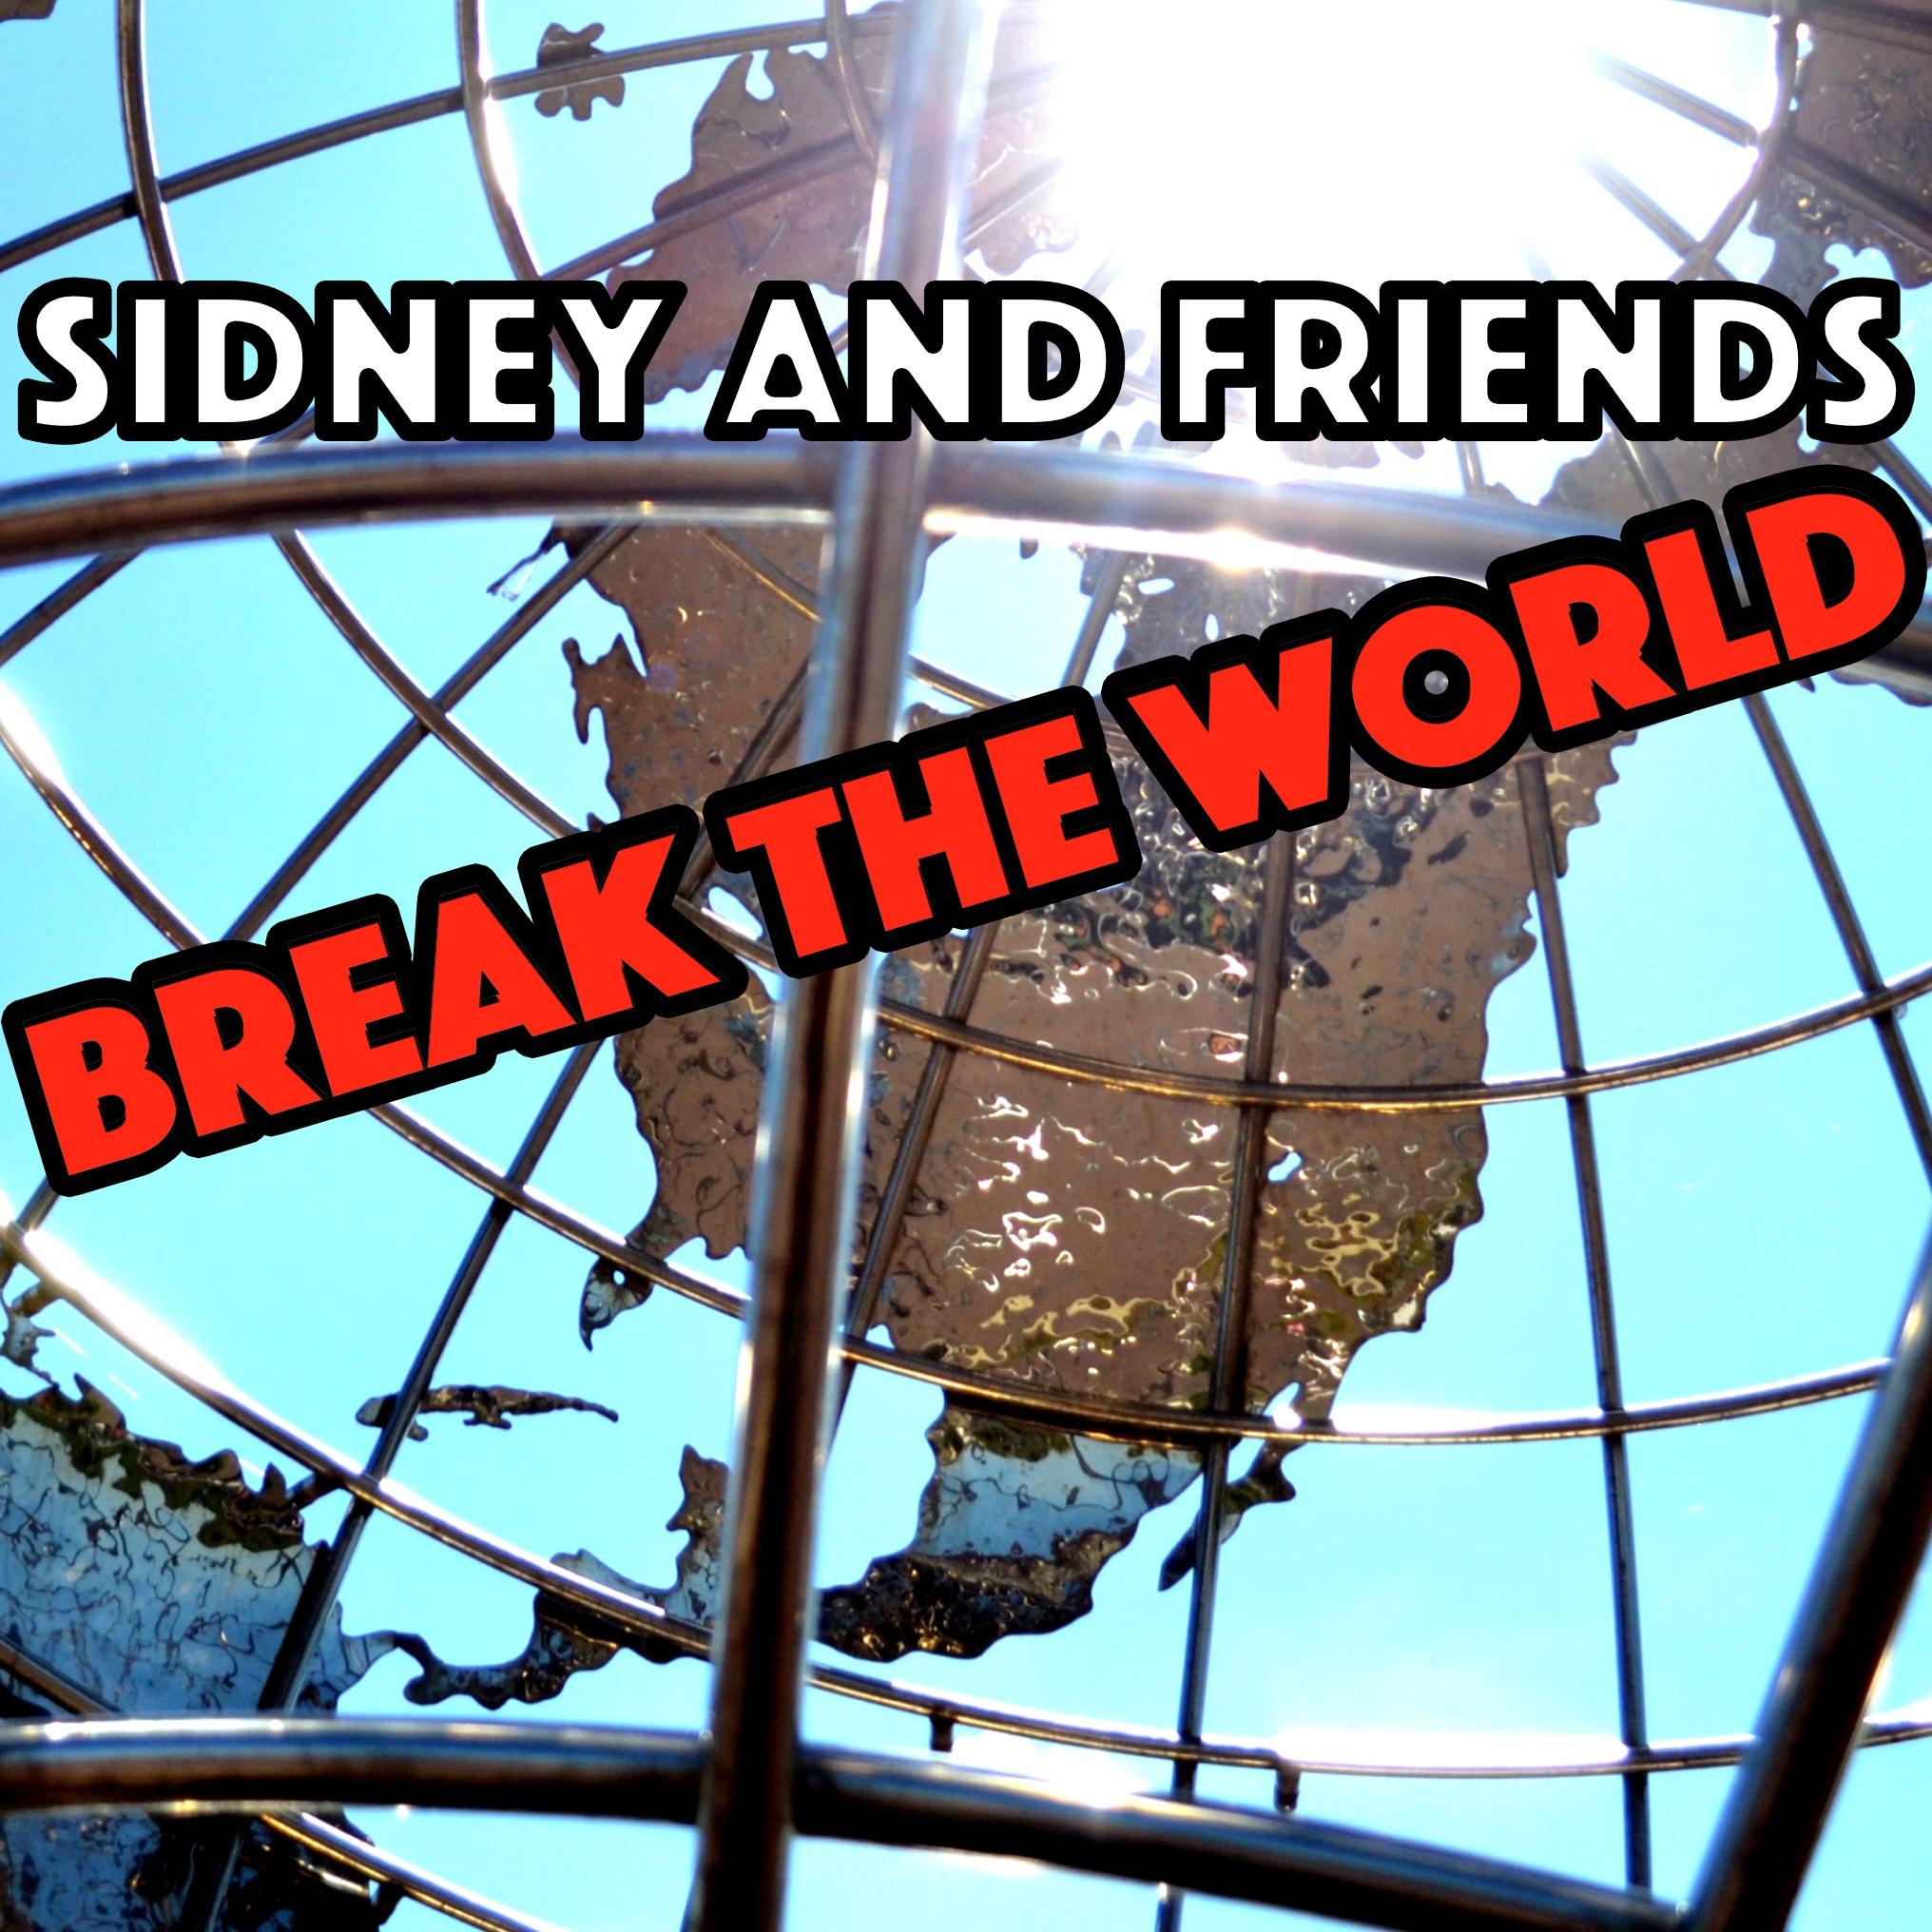 Sidney & Friends Break The World